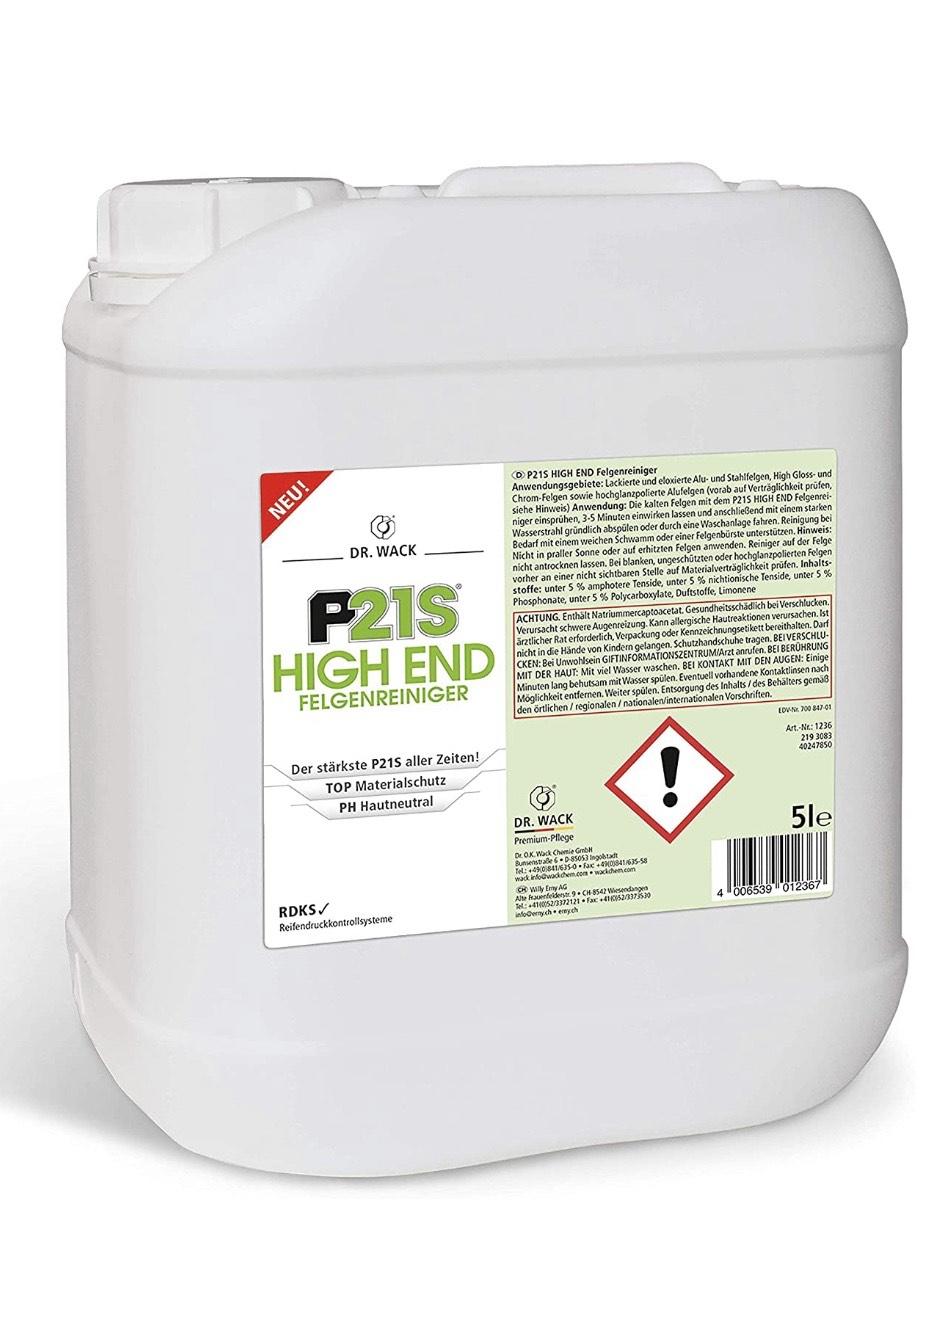 [Amazon] Dr. Wack - P21S HIGH END Felgenreiniger - 5 Liter